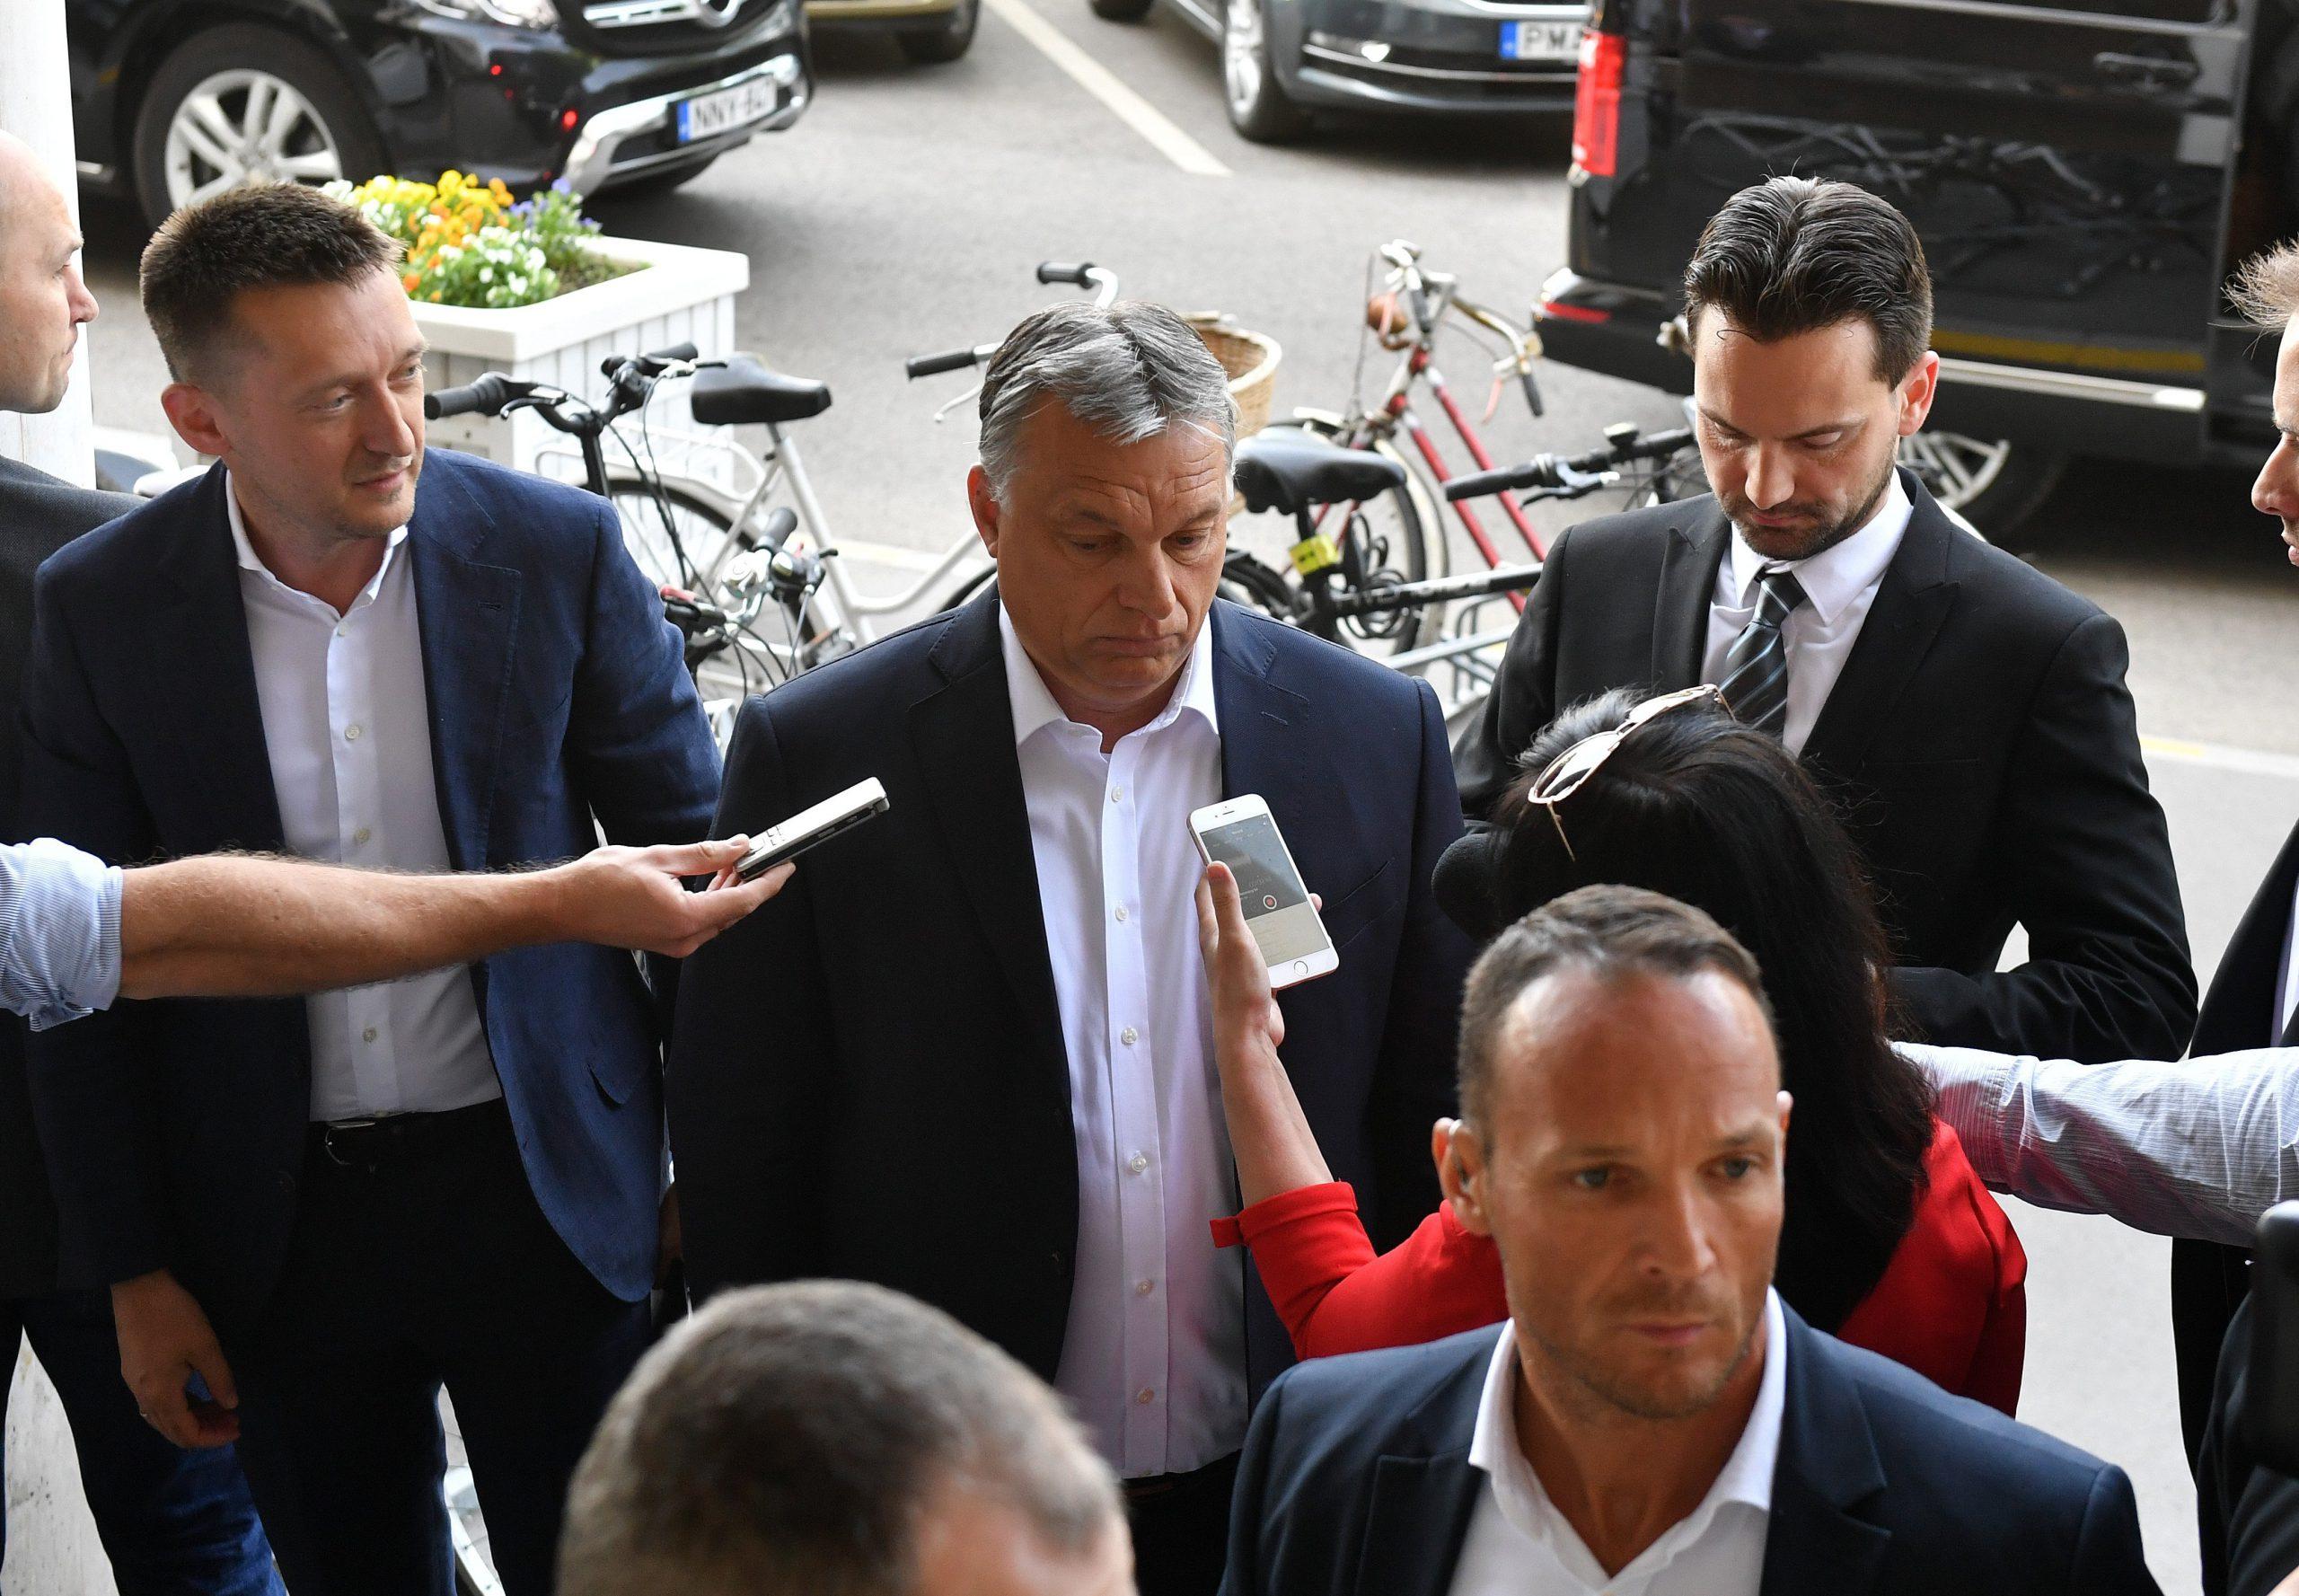 Orbán kész megtárgyalni az EU-s pénzek kifizetéséről szóló javaslatot